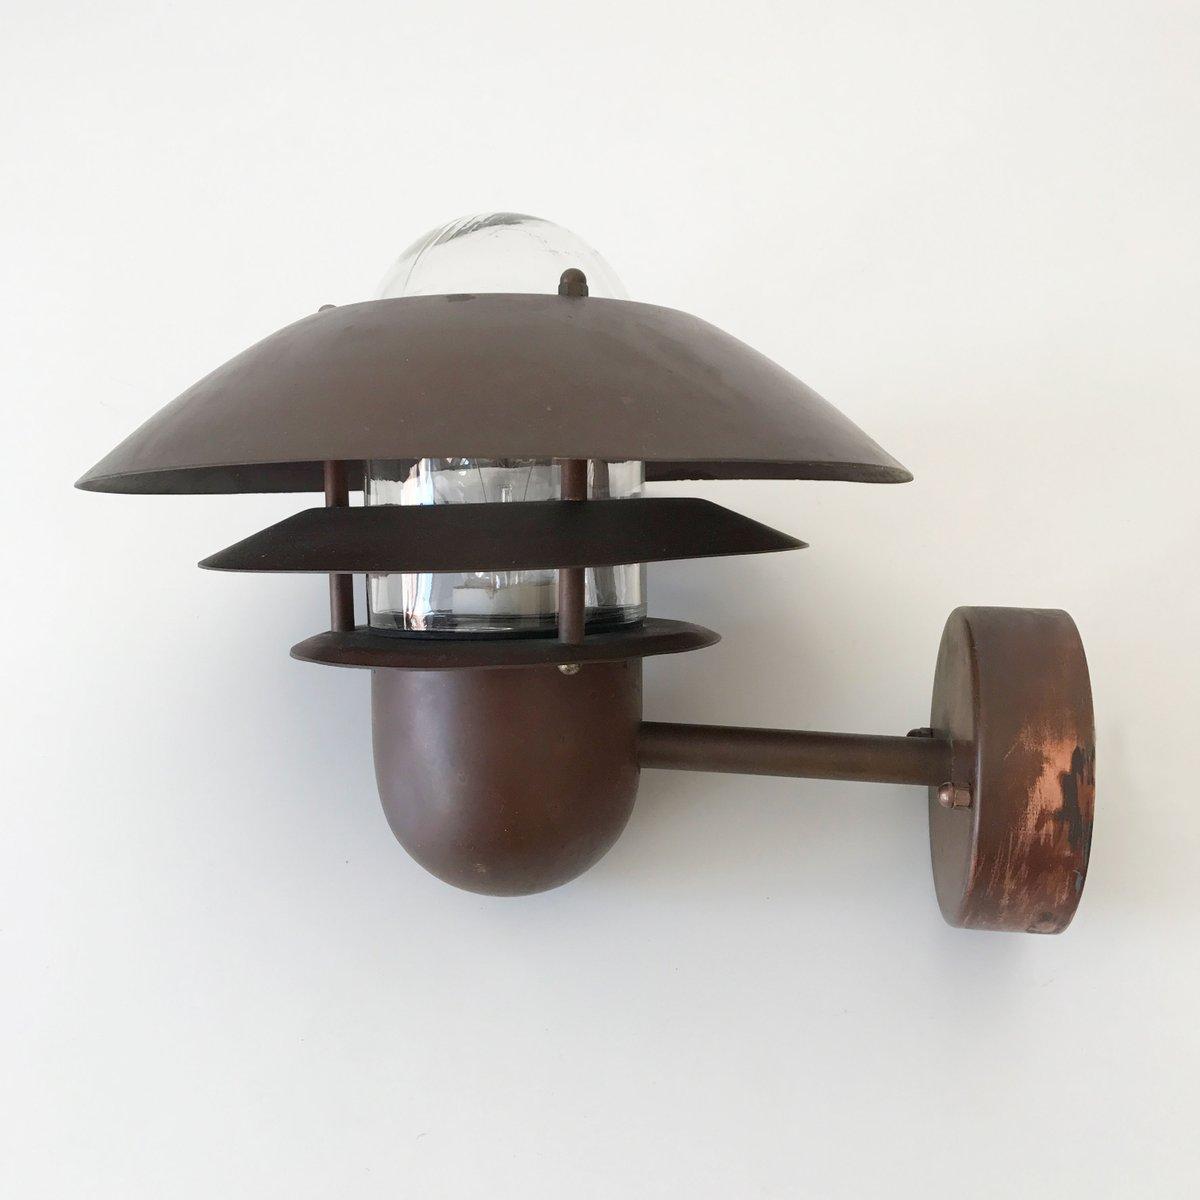 d nische mid century kupfer wandlampe von nordlux bei pamono kaufen. Black Bedroom Furniture Sets. Home Design Ideas